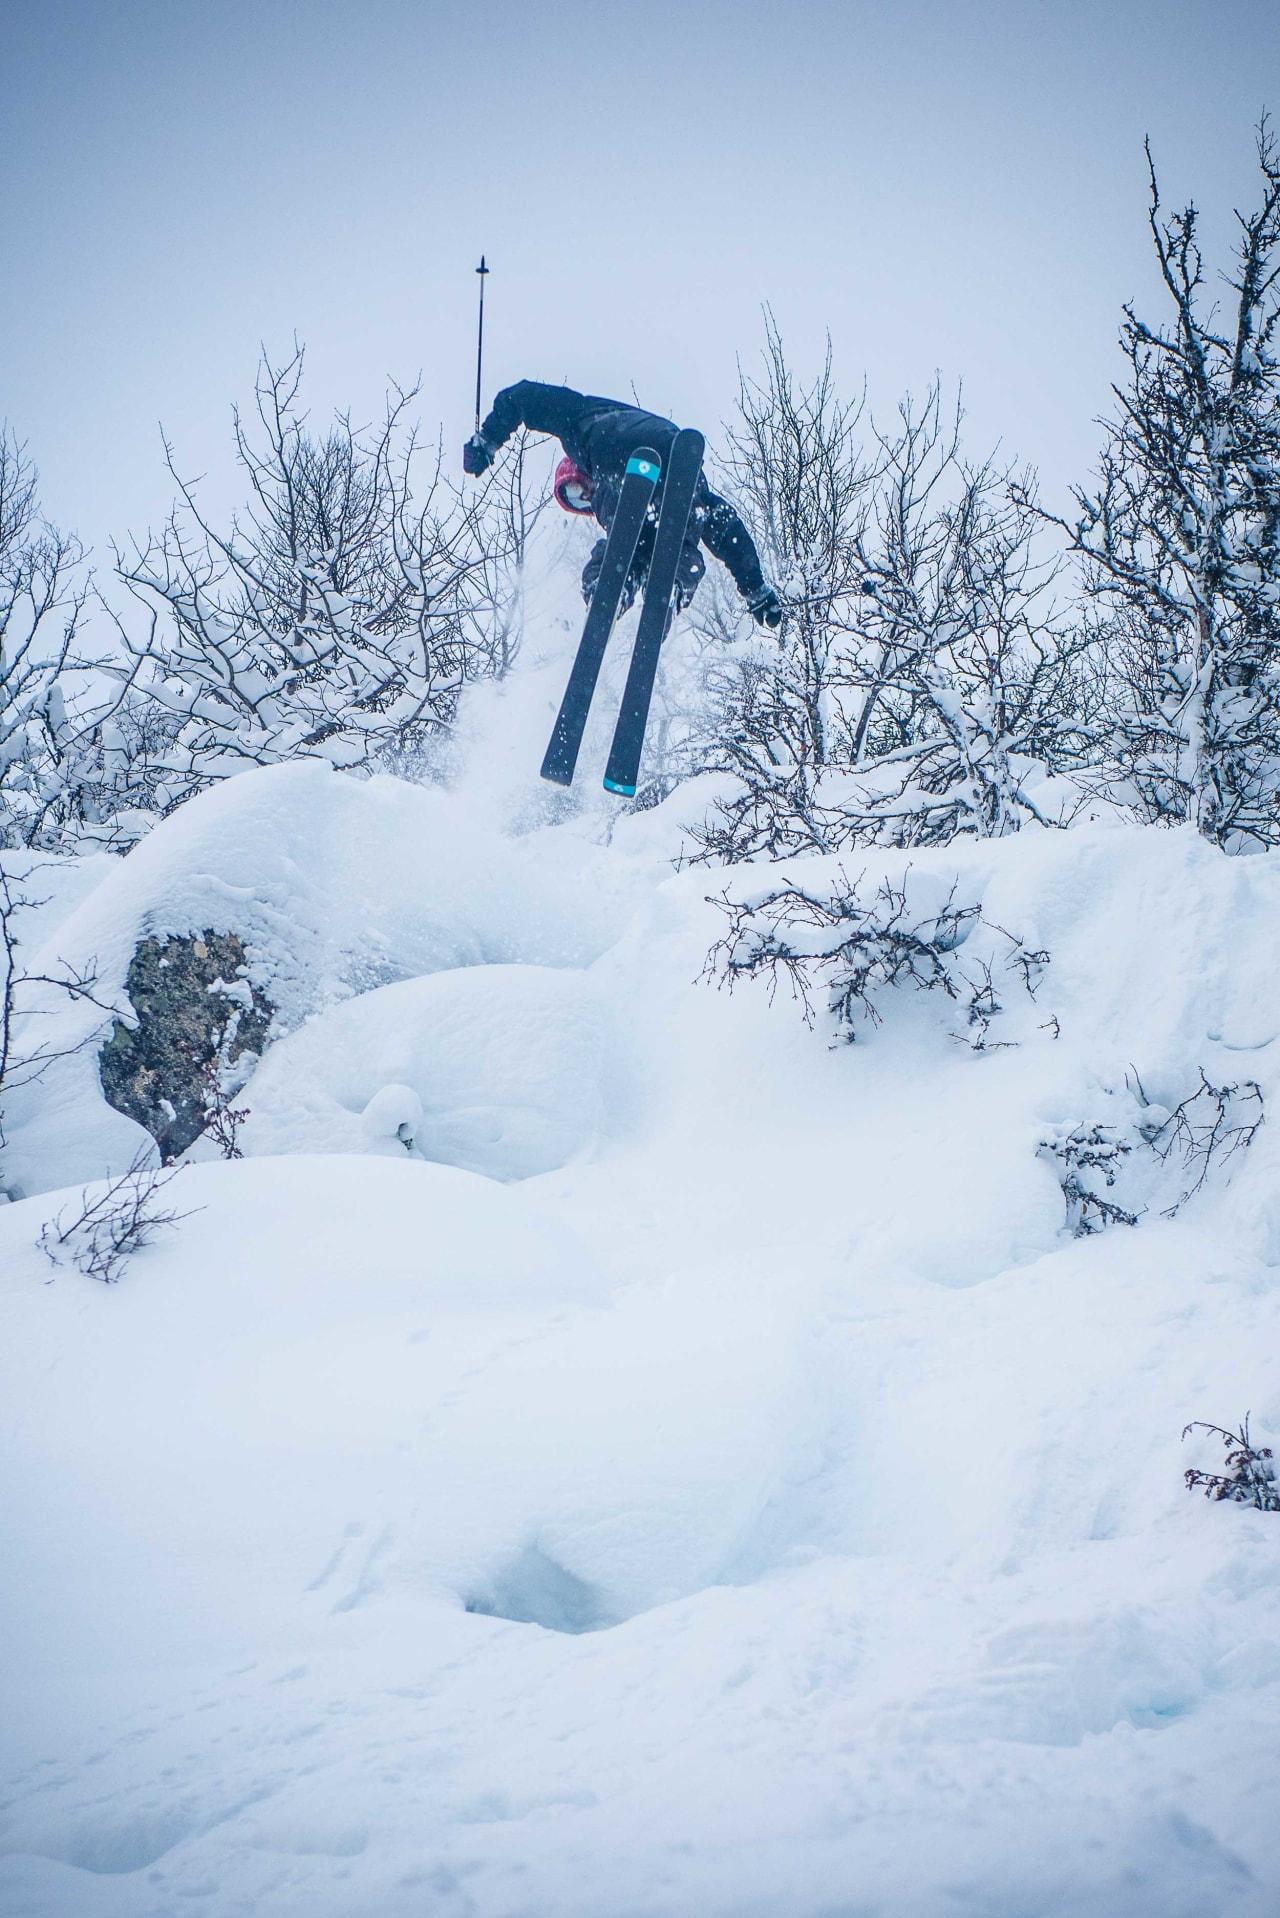 SKOTTE SPOTTER LANDINGA: Magnus Skotte Nørsteng leiker seg ut en av de mange småklippene som kom fram da skogen ble tynnet. Foto: Vegard Breie